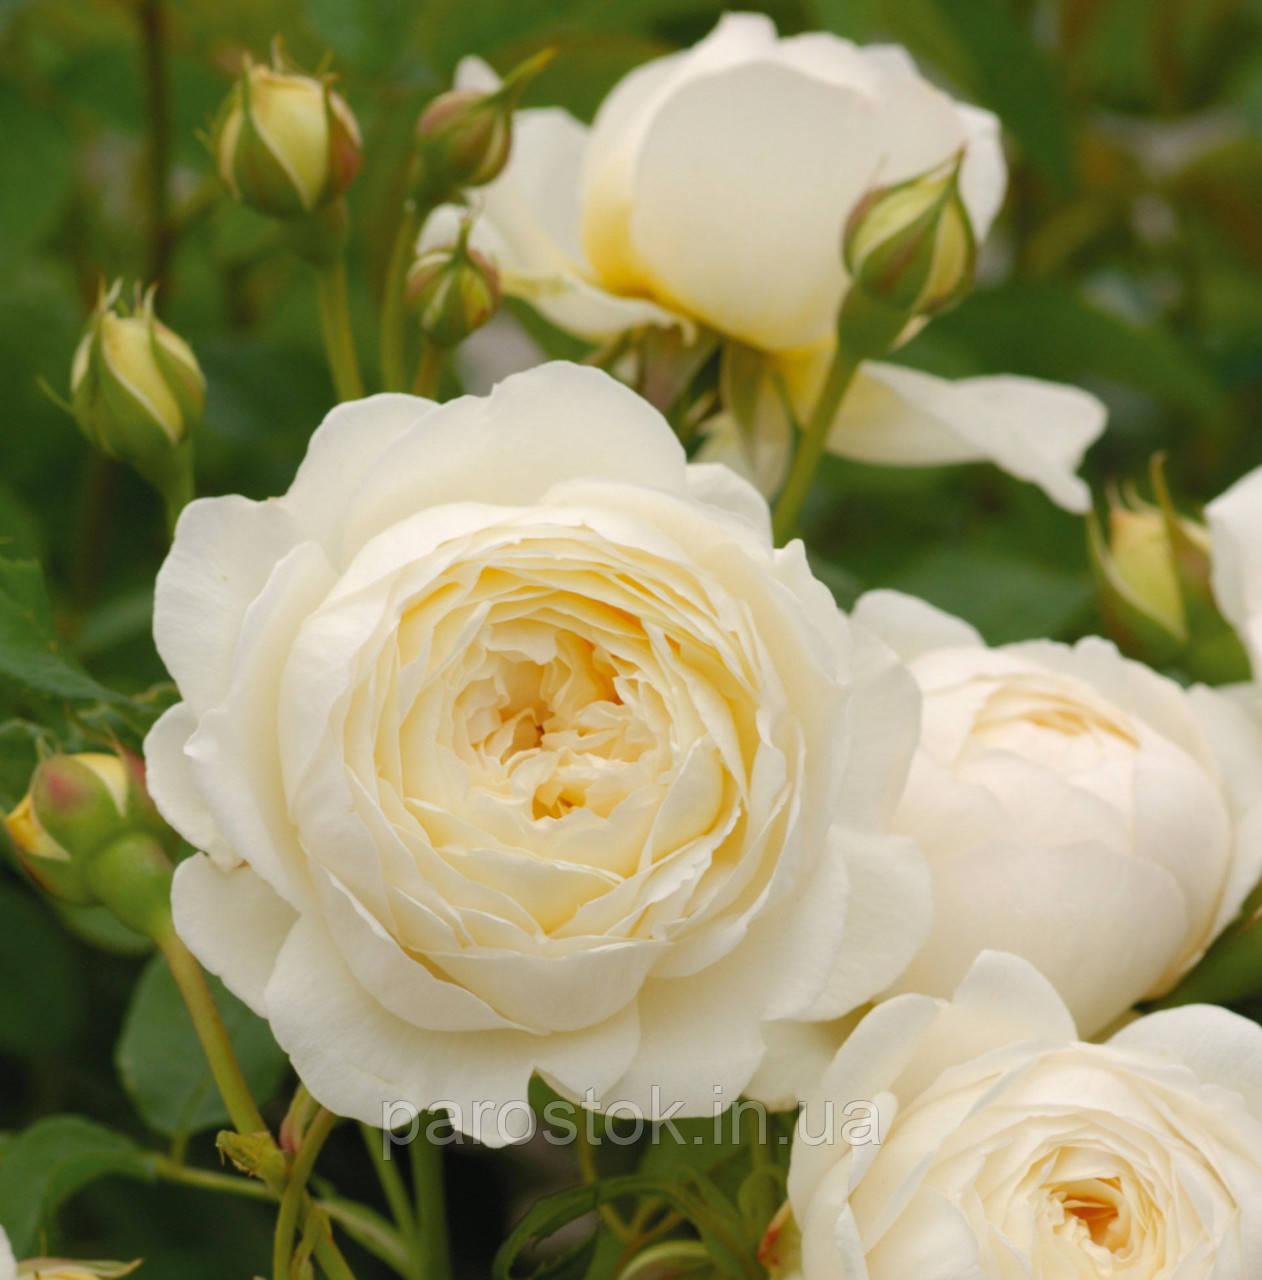 Роза Клер Остин. (ввв). Английская роза